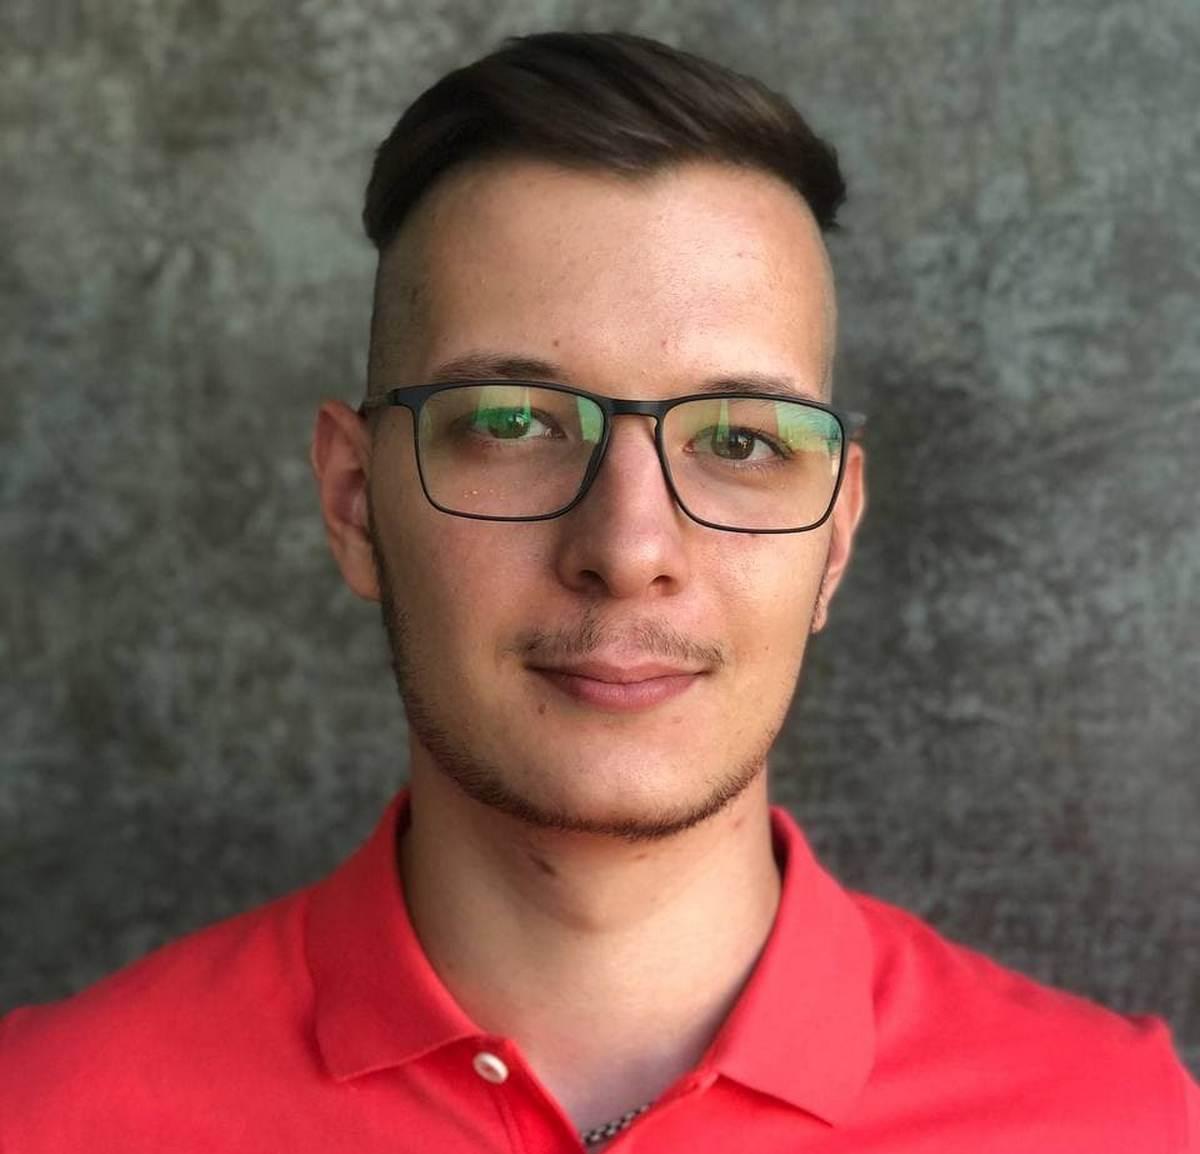 Никита Нагаткин, главный исполнительный директор и сооснователь IT-компании Digis, 24 года